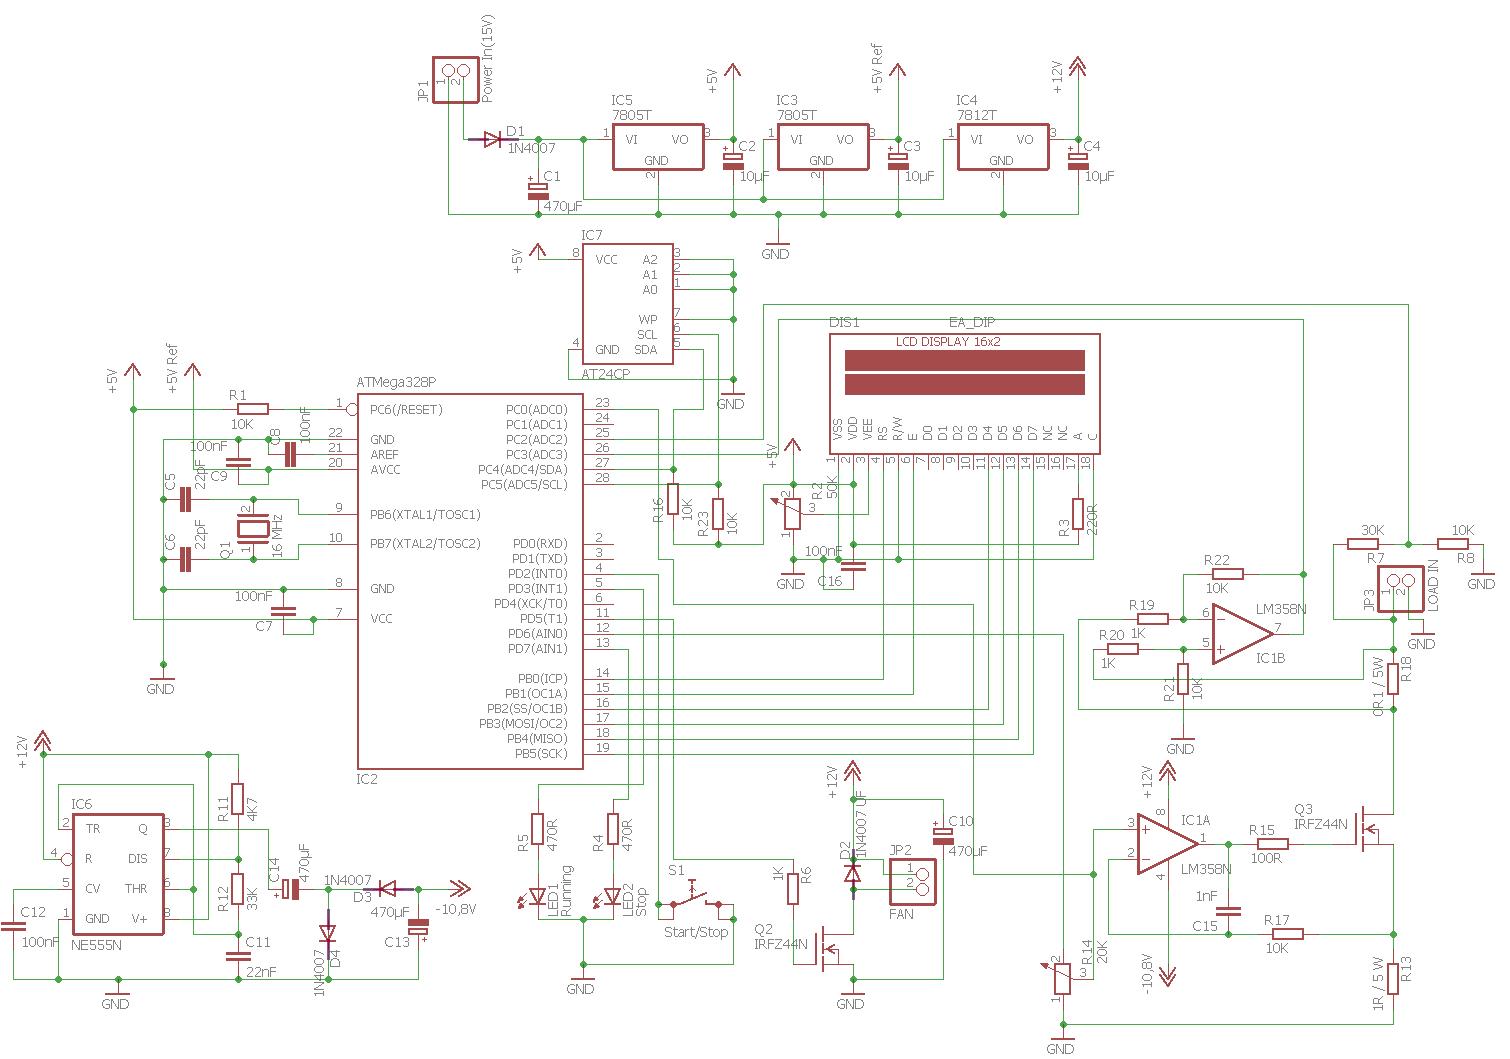 Groß 110 Volt Schaltplan Galerie - Elektrische Schaltplan-Ideen ...